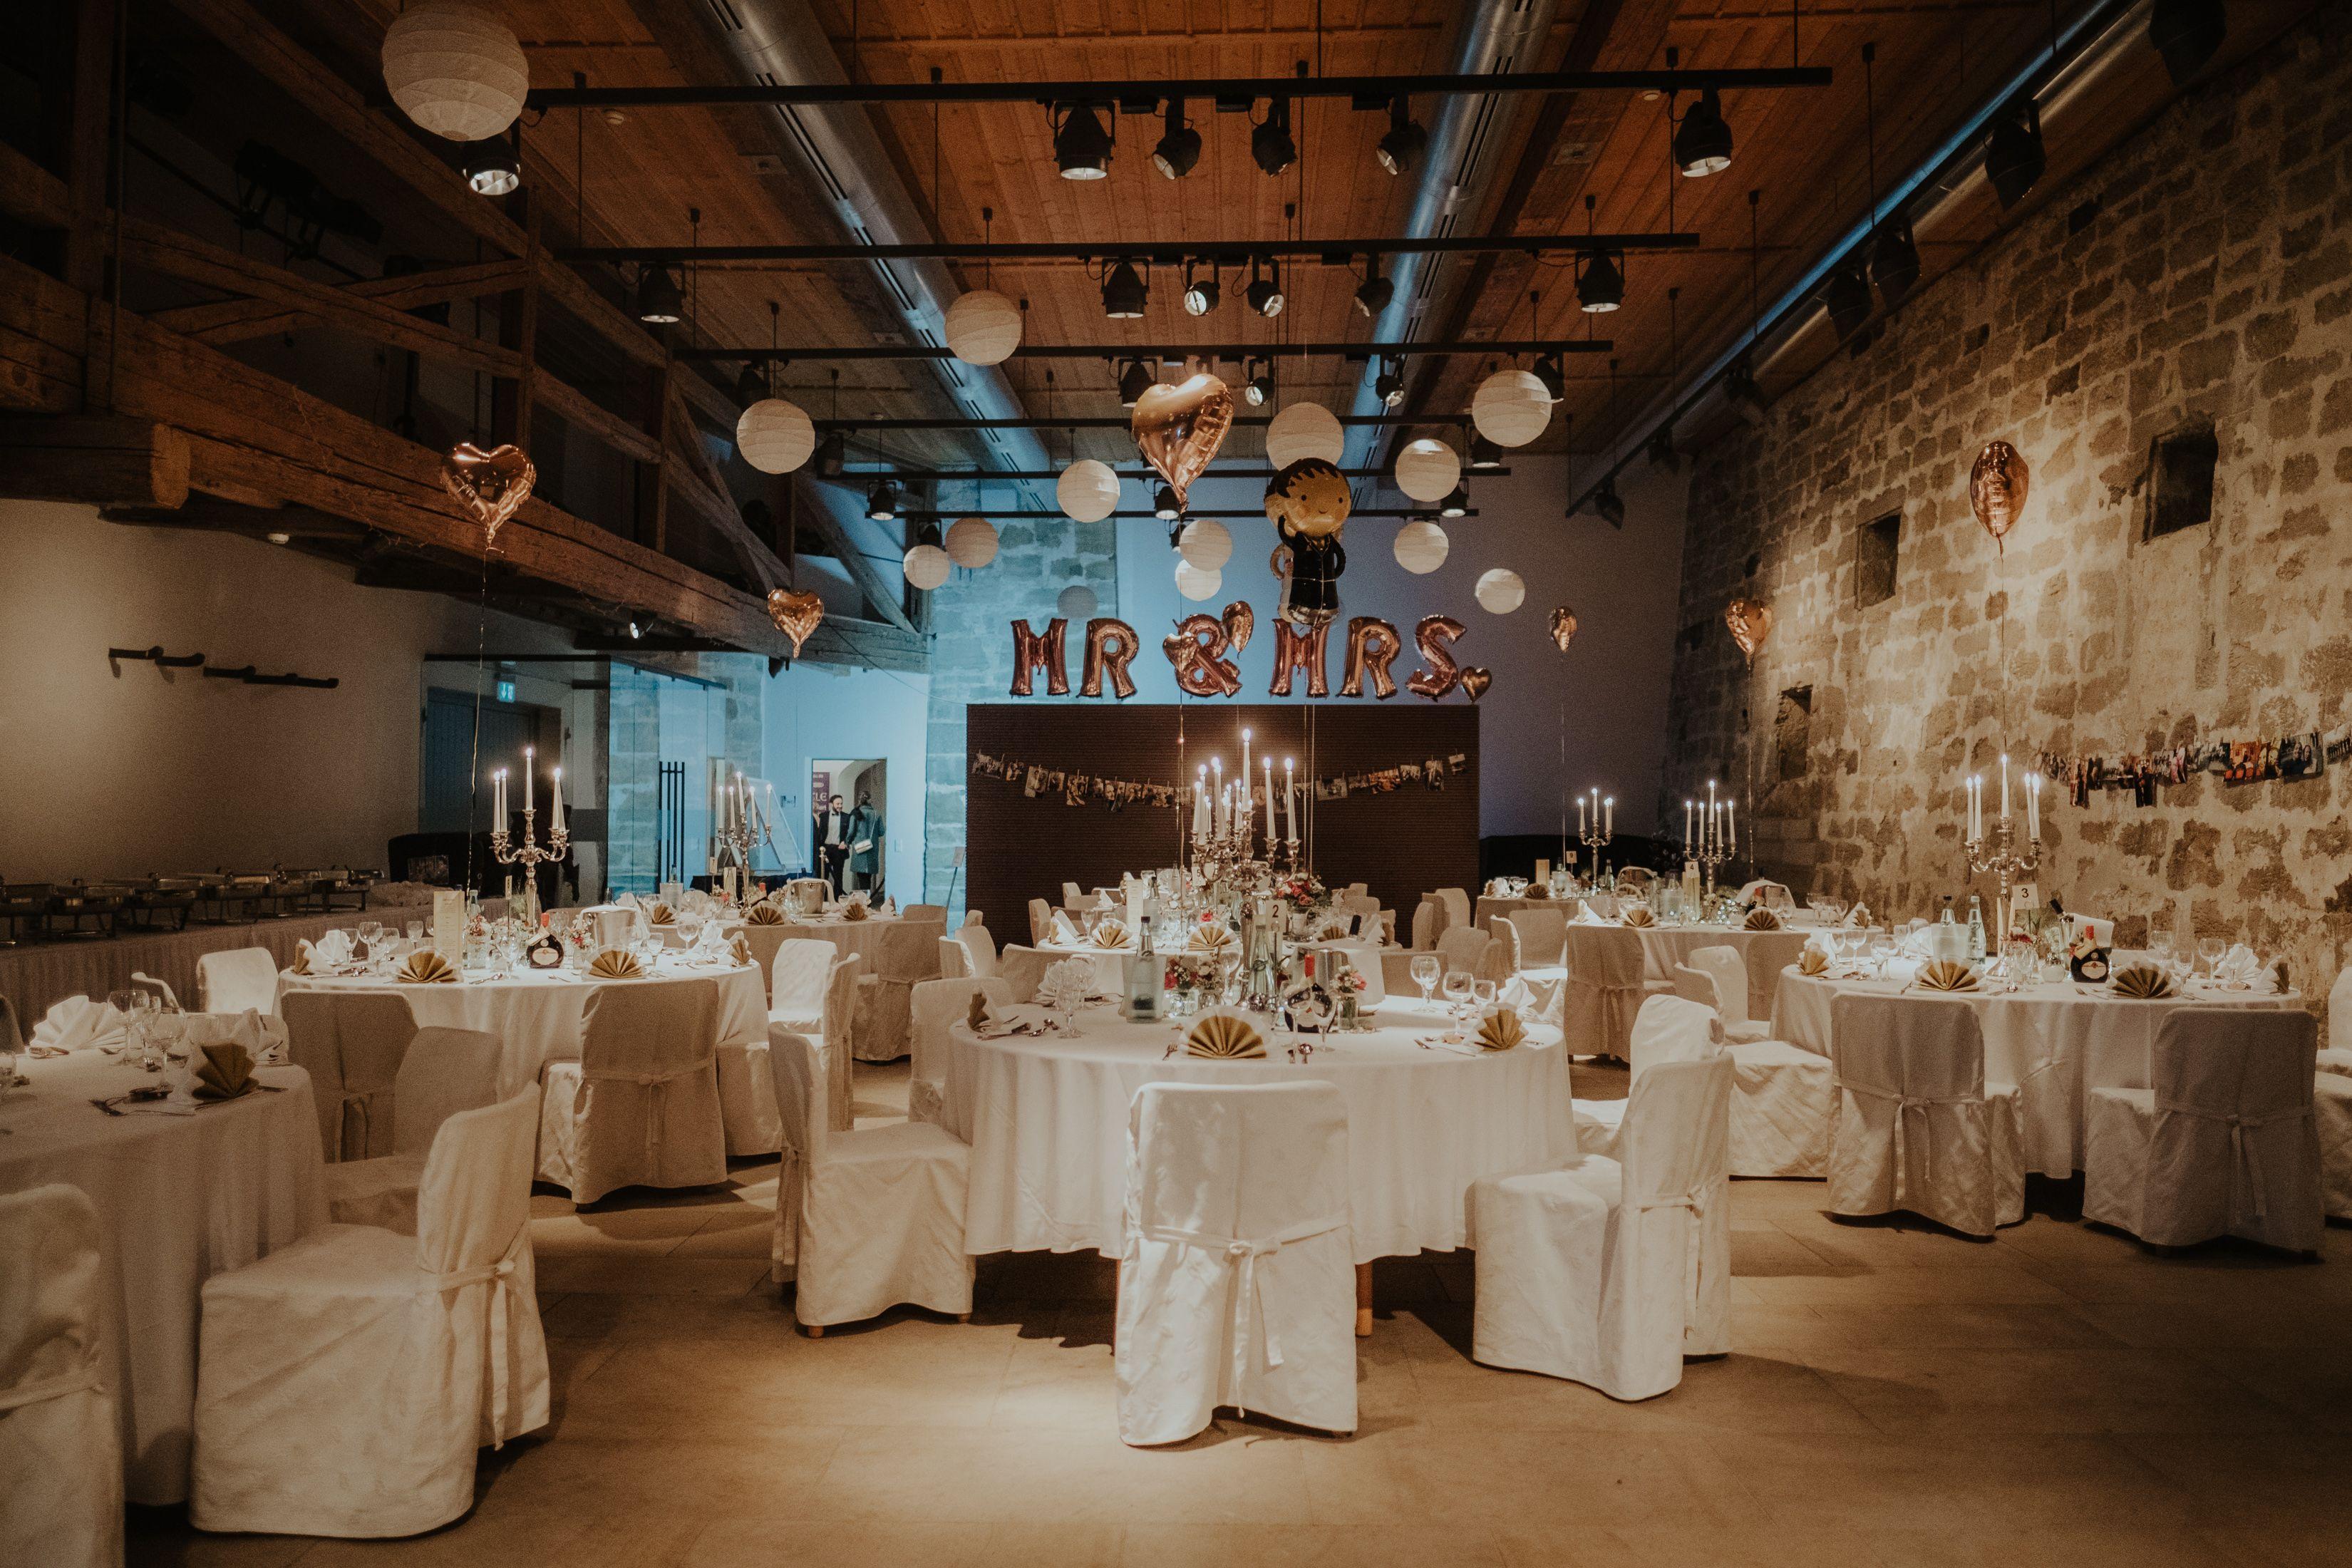 Traumhafte Hochzeit Im Schloss Thurnau Haus Dekoration Dekoration Wohnung Dekoration Wohnzimmer